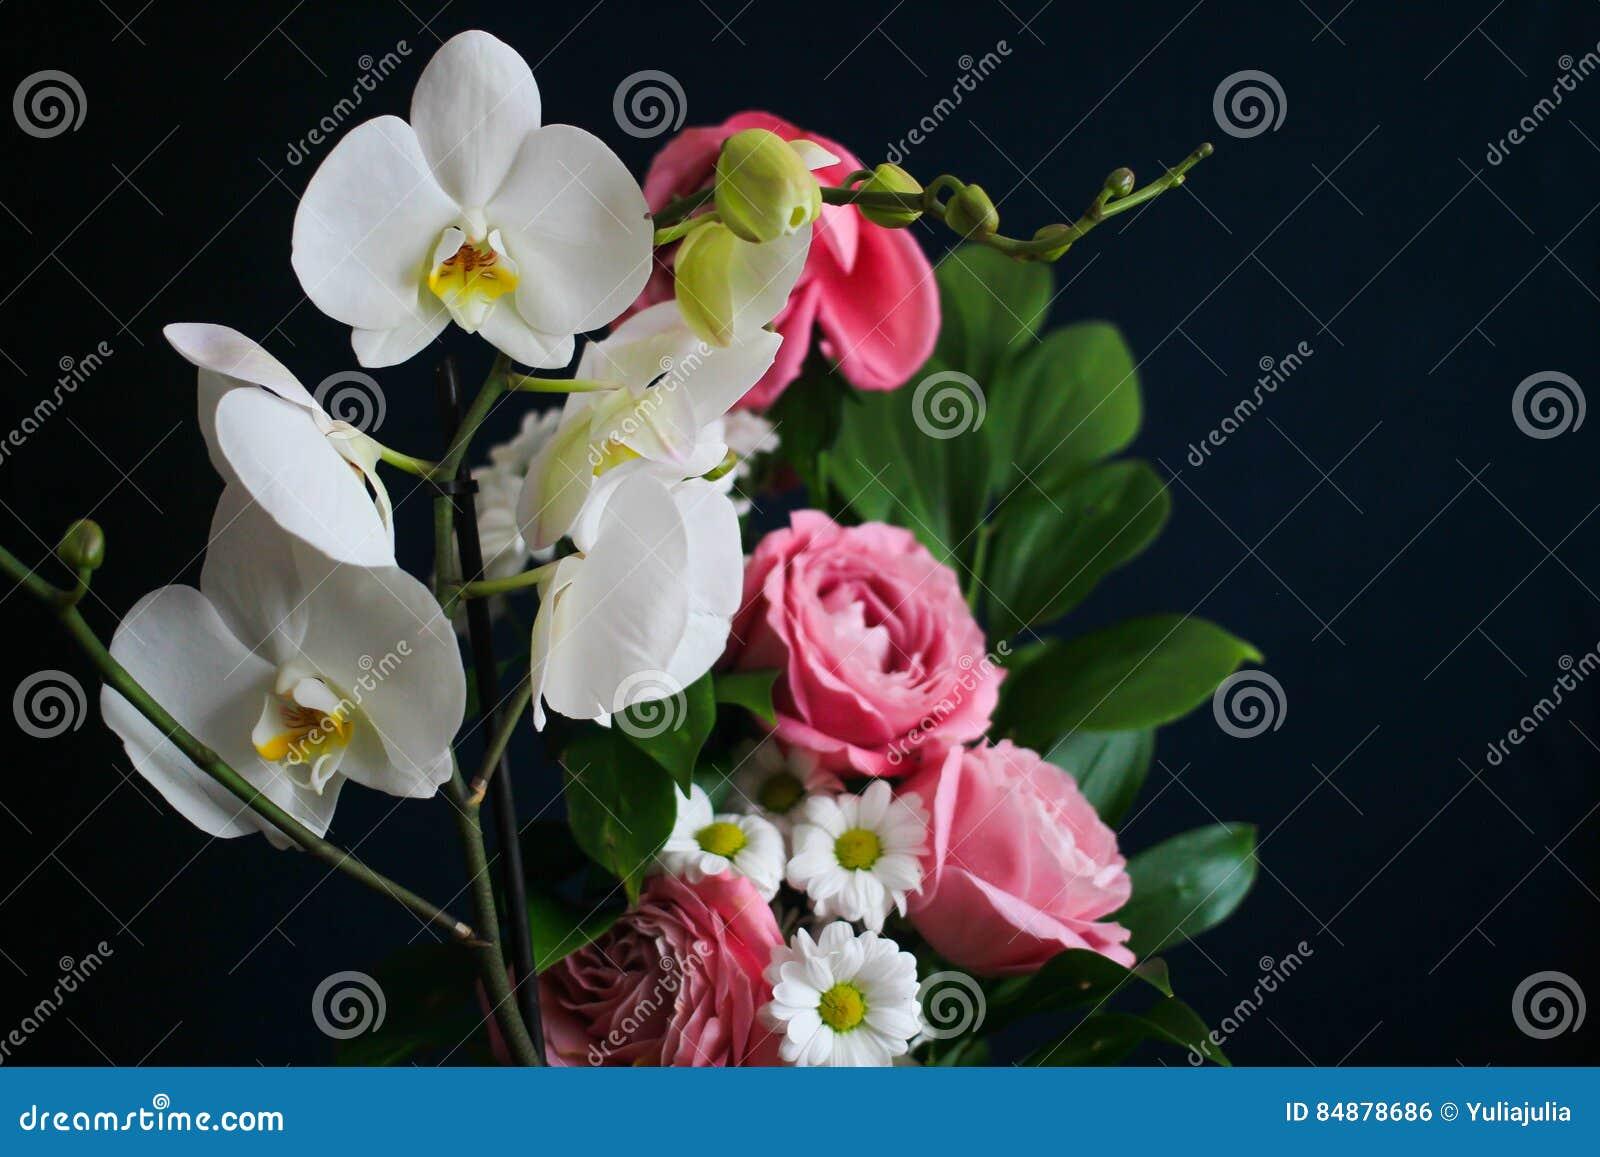 Mazzo Di Fiori Orchidee.Mazzo Dei Fiori Orchidee Bianche Rose Rosa E Margherite